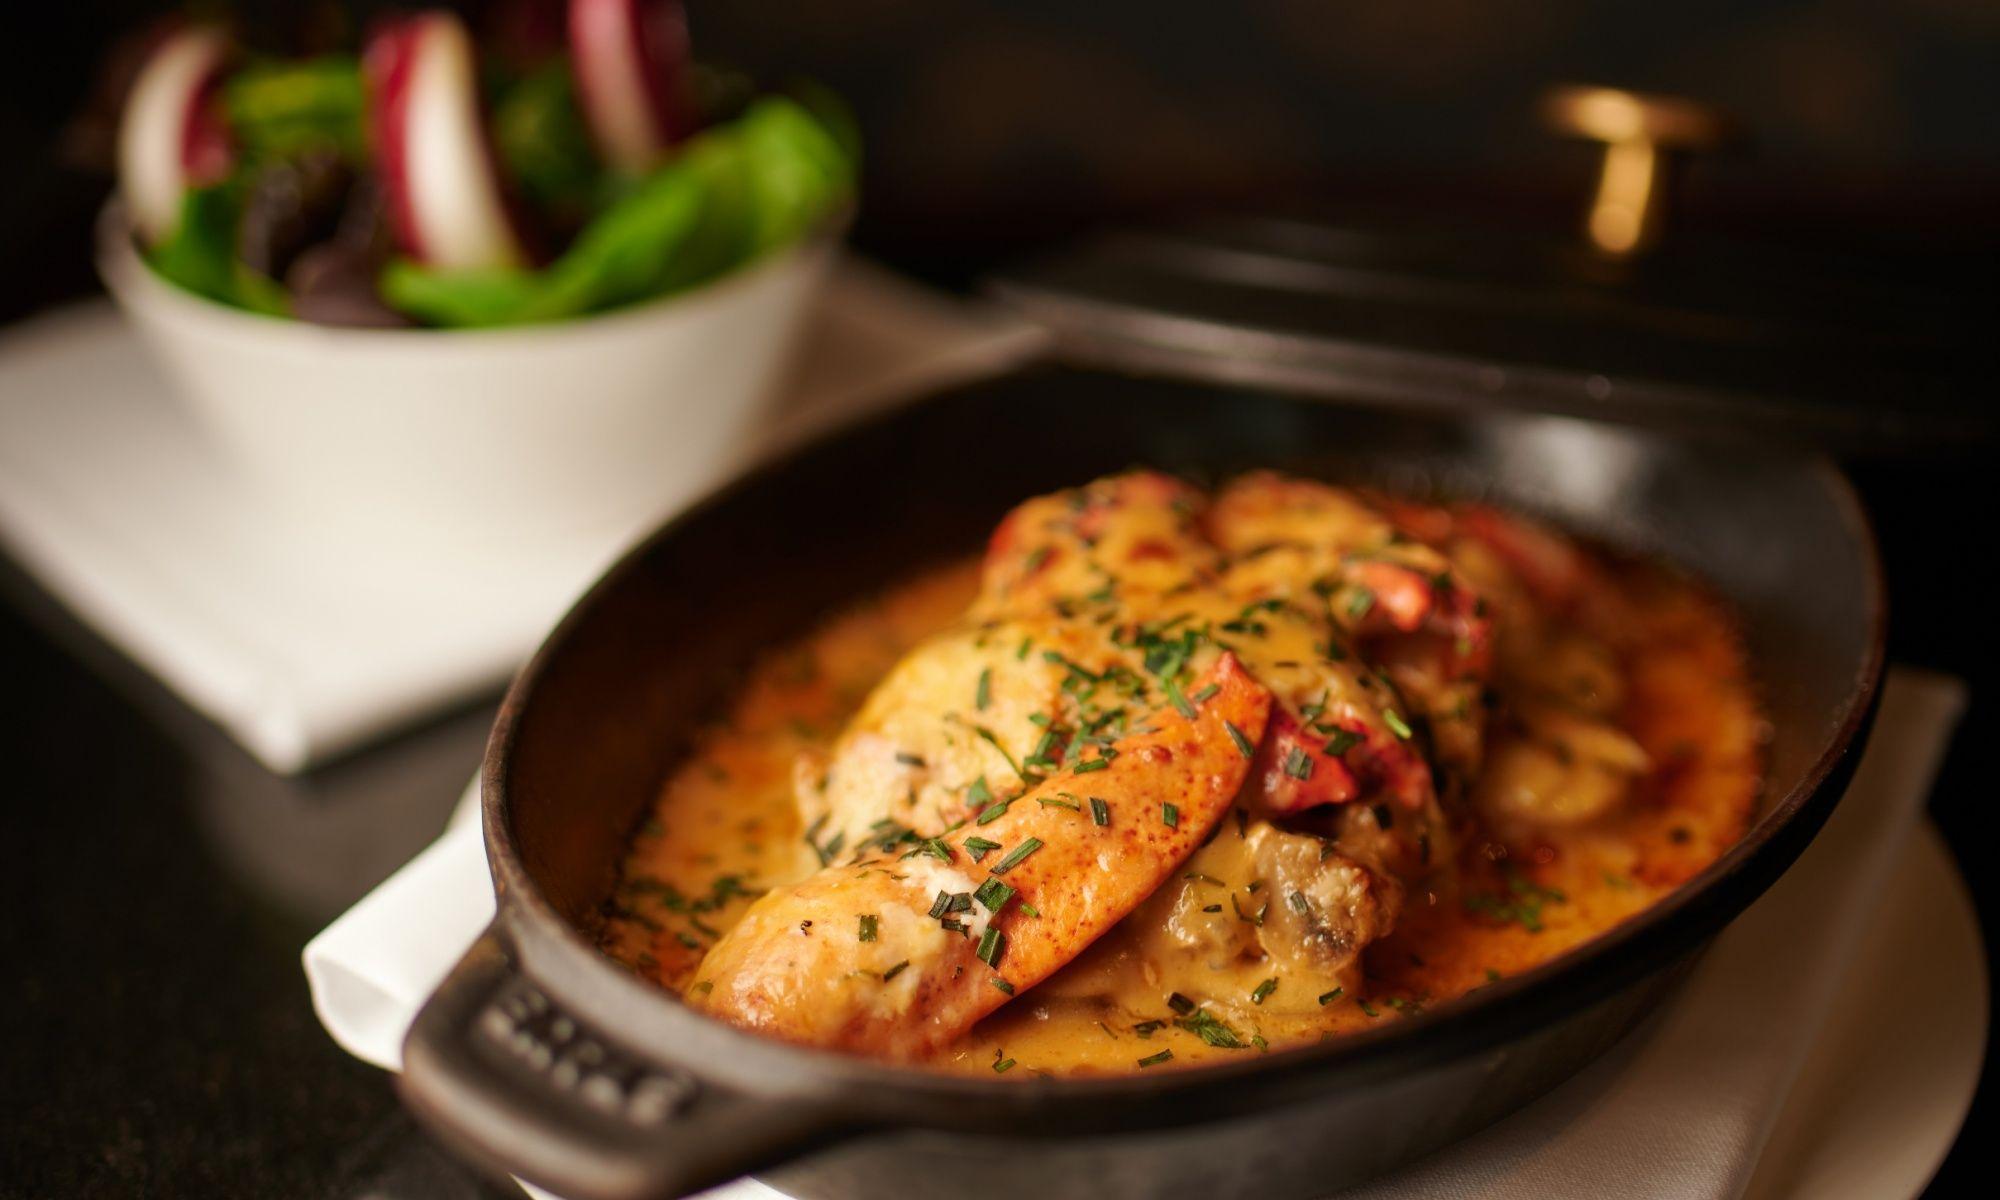 Island Shangri-La's Lobster Bar & Grill Launches Brand New A La Carte Menu